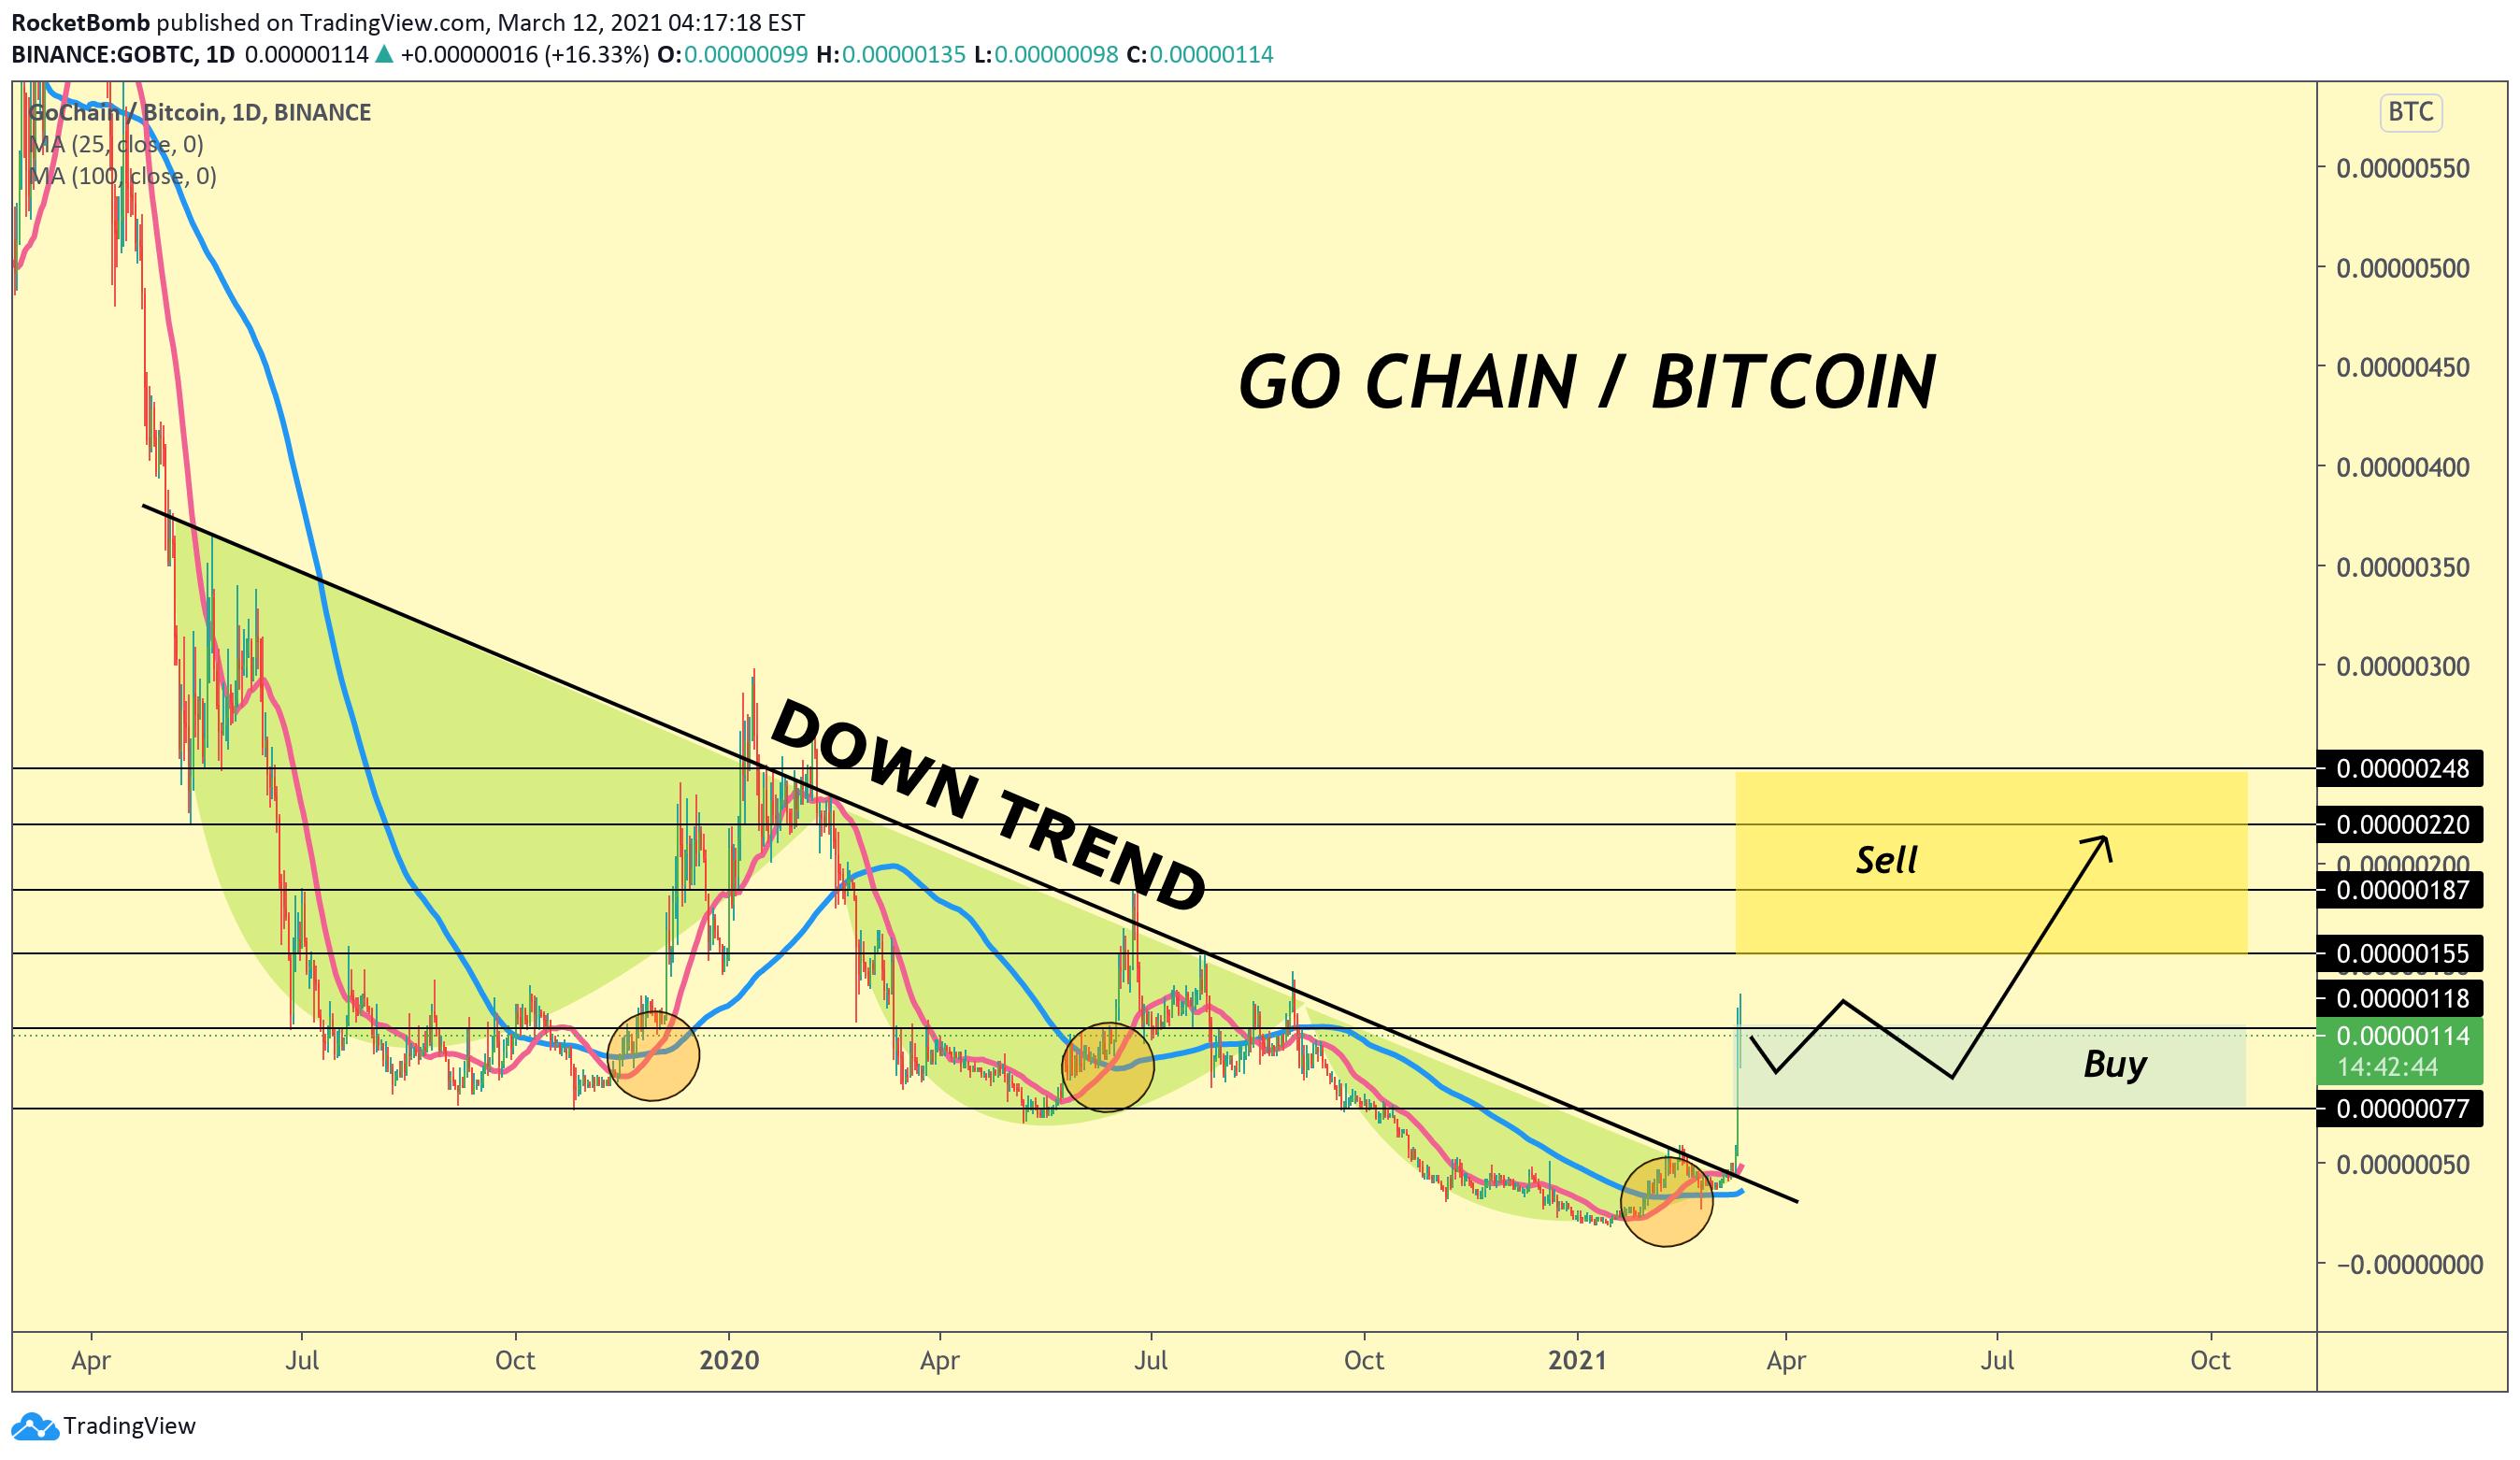 go btc tradingview